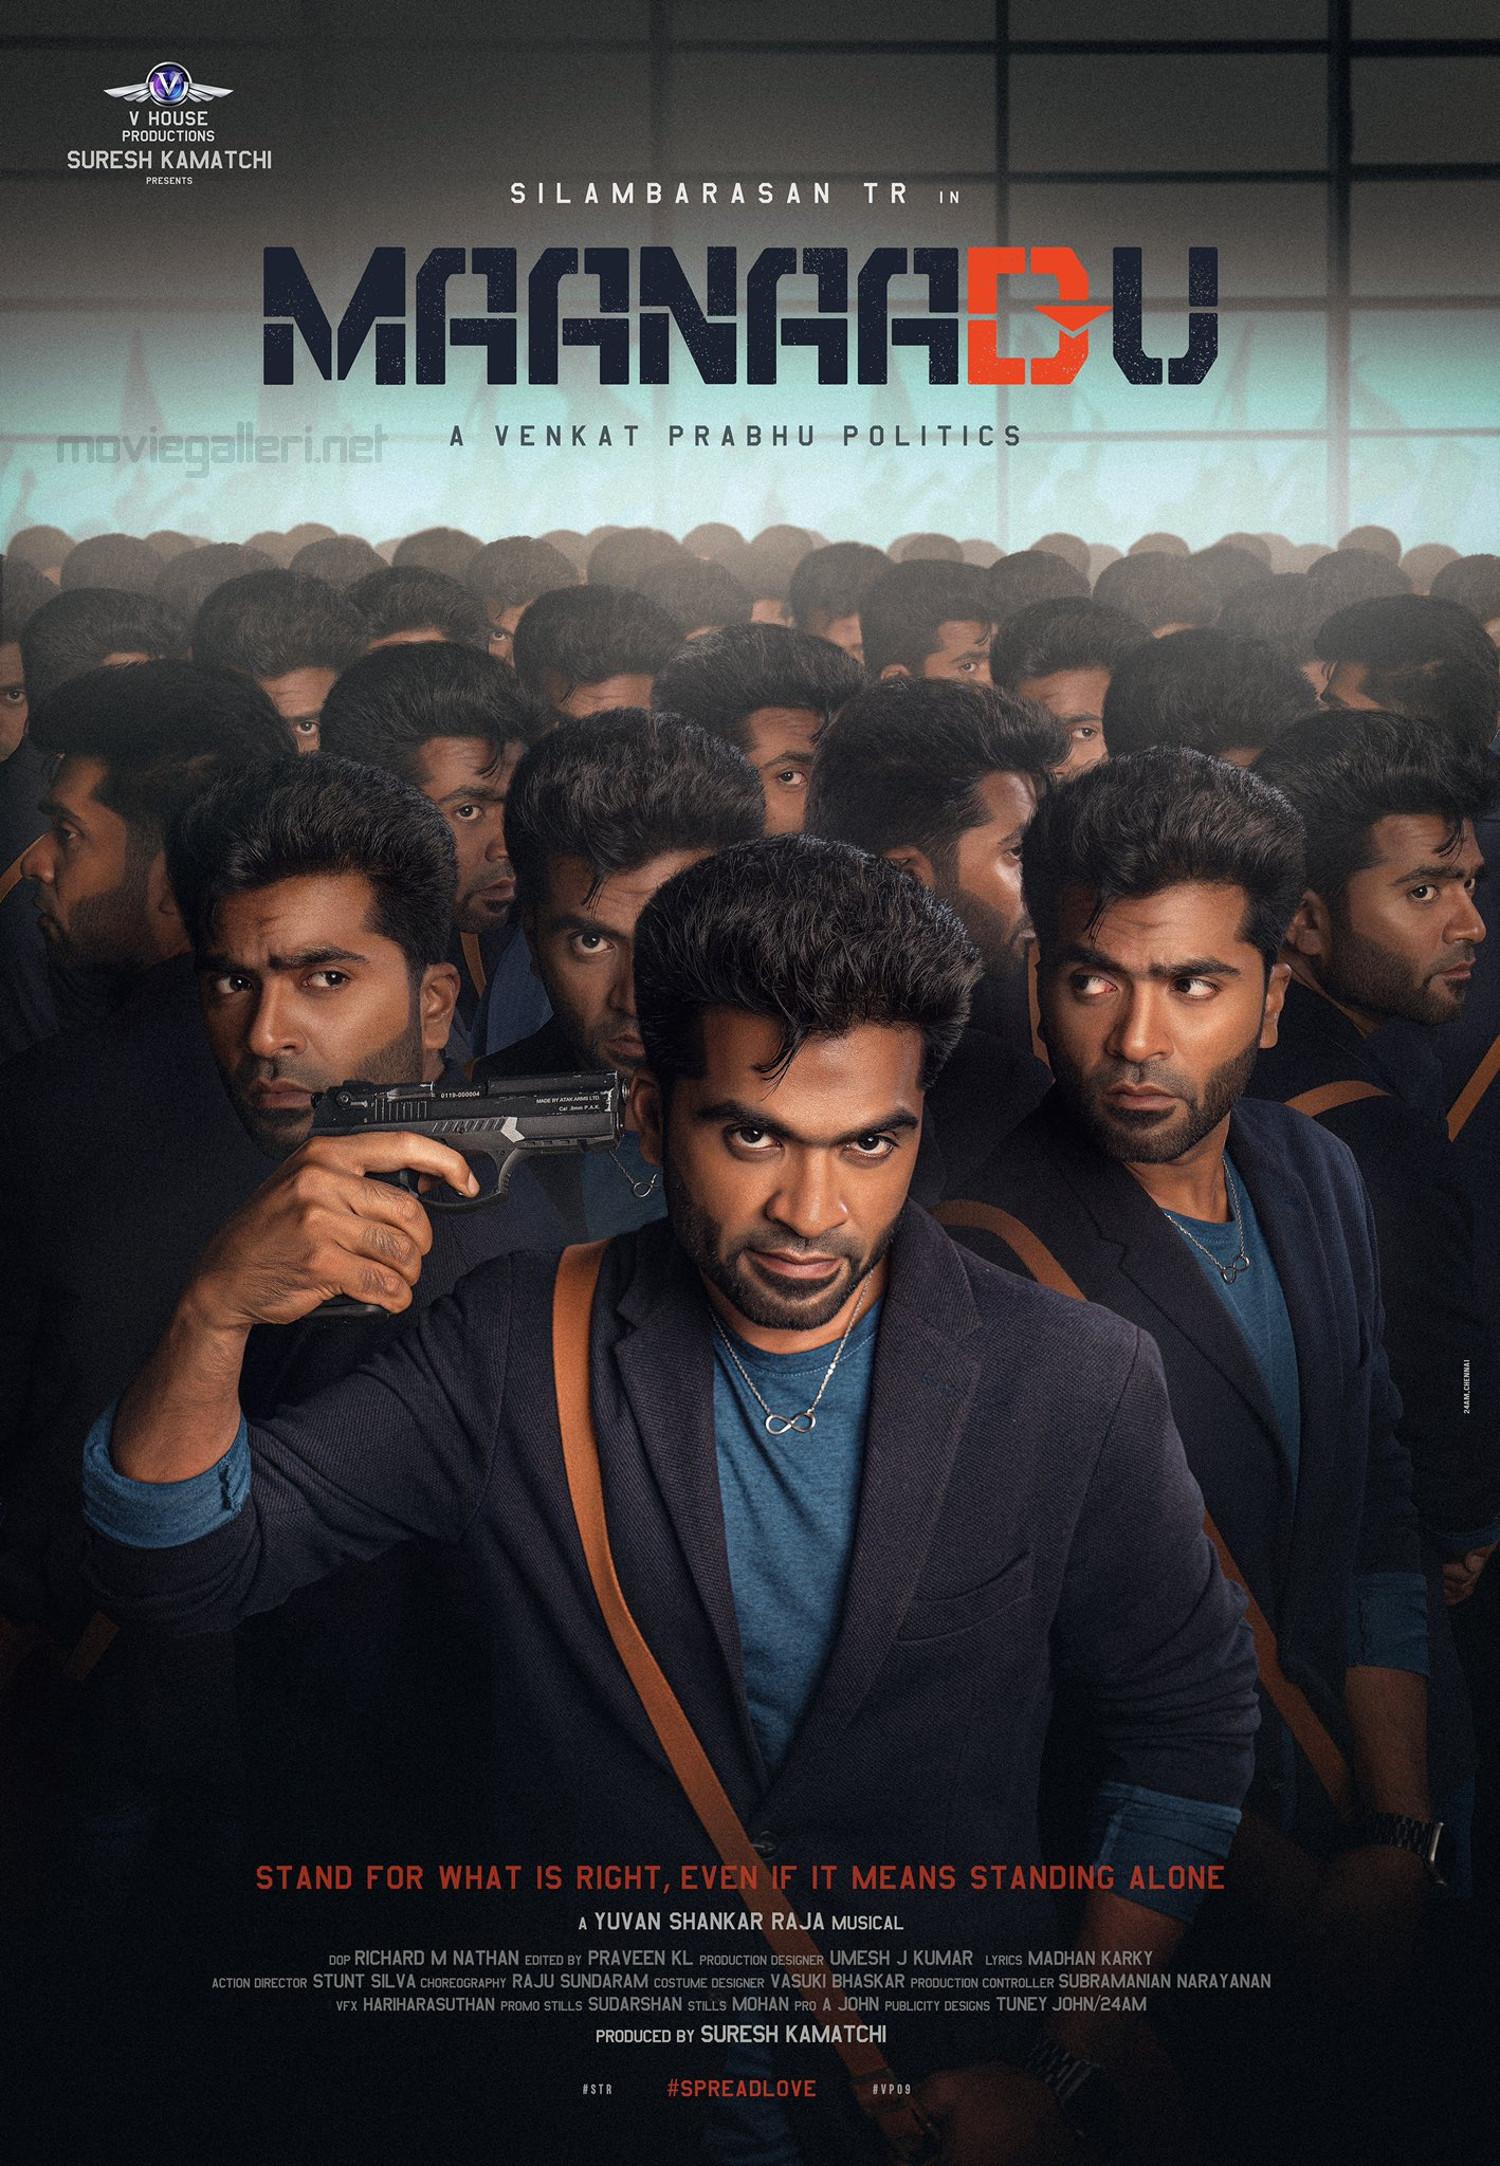 Actor Silambarasan Maanaadu Movie Second Look Poster HD